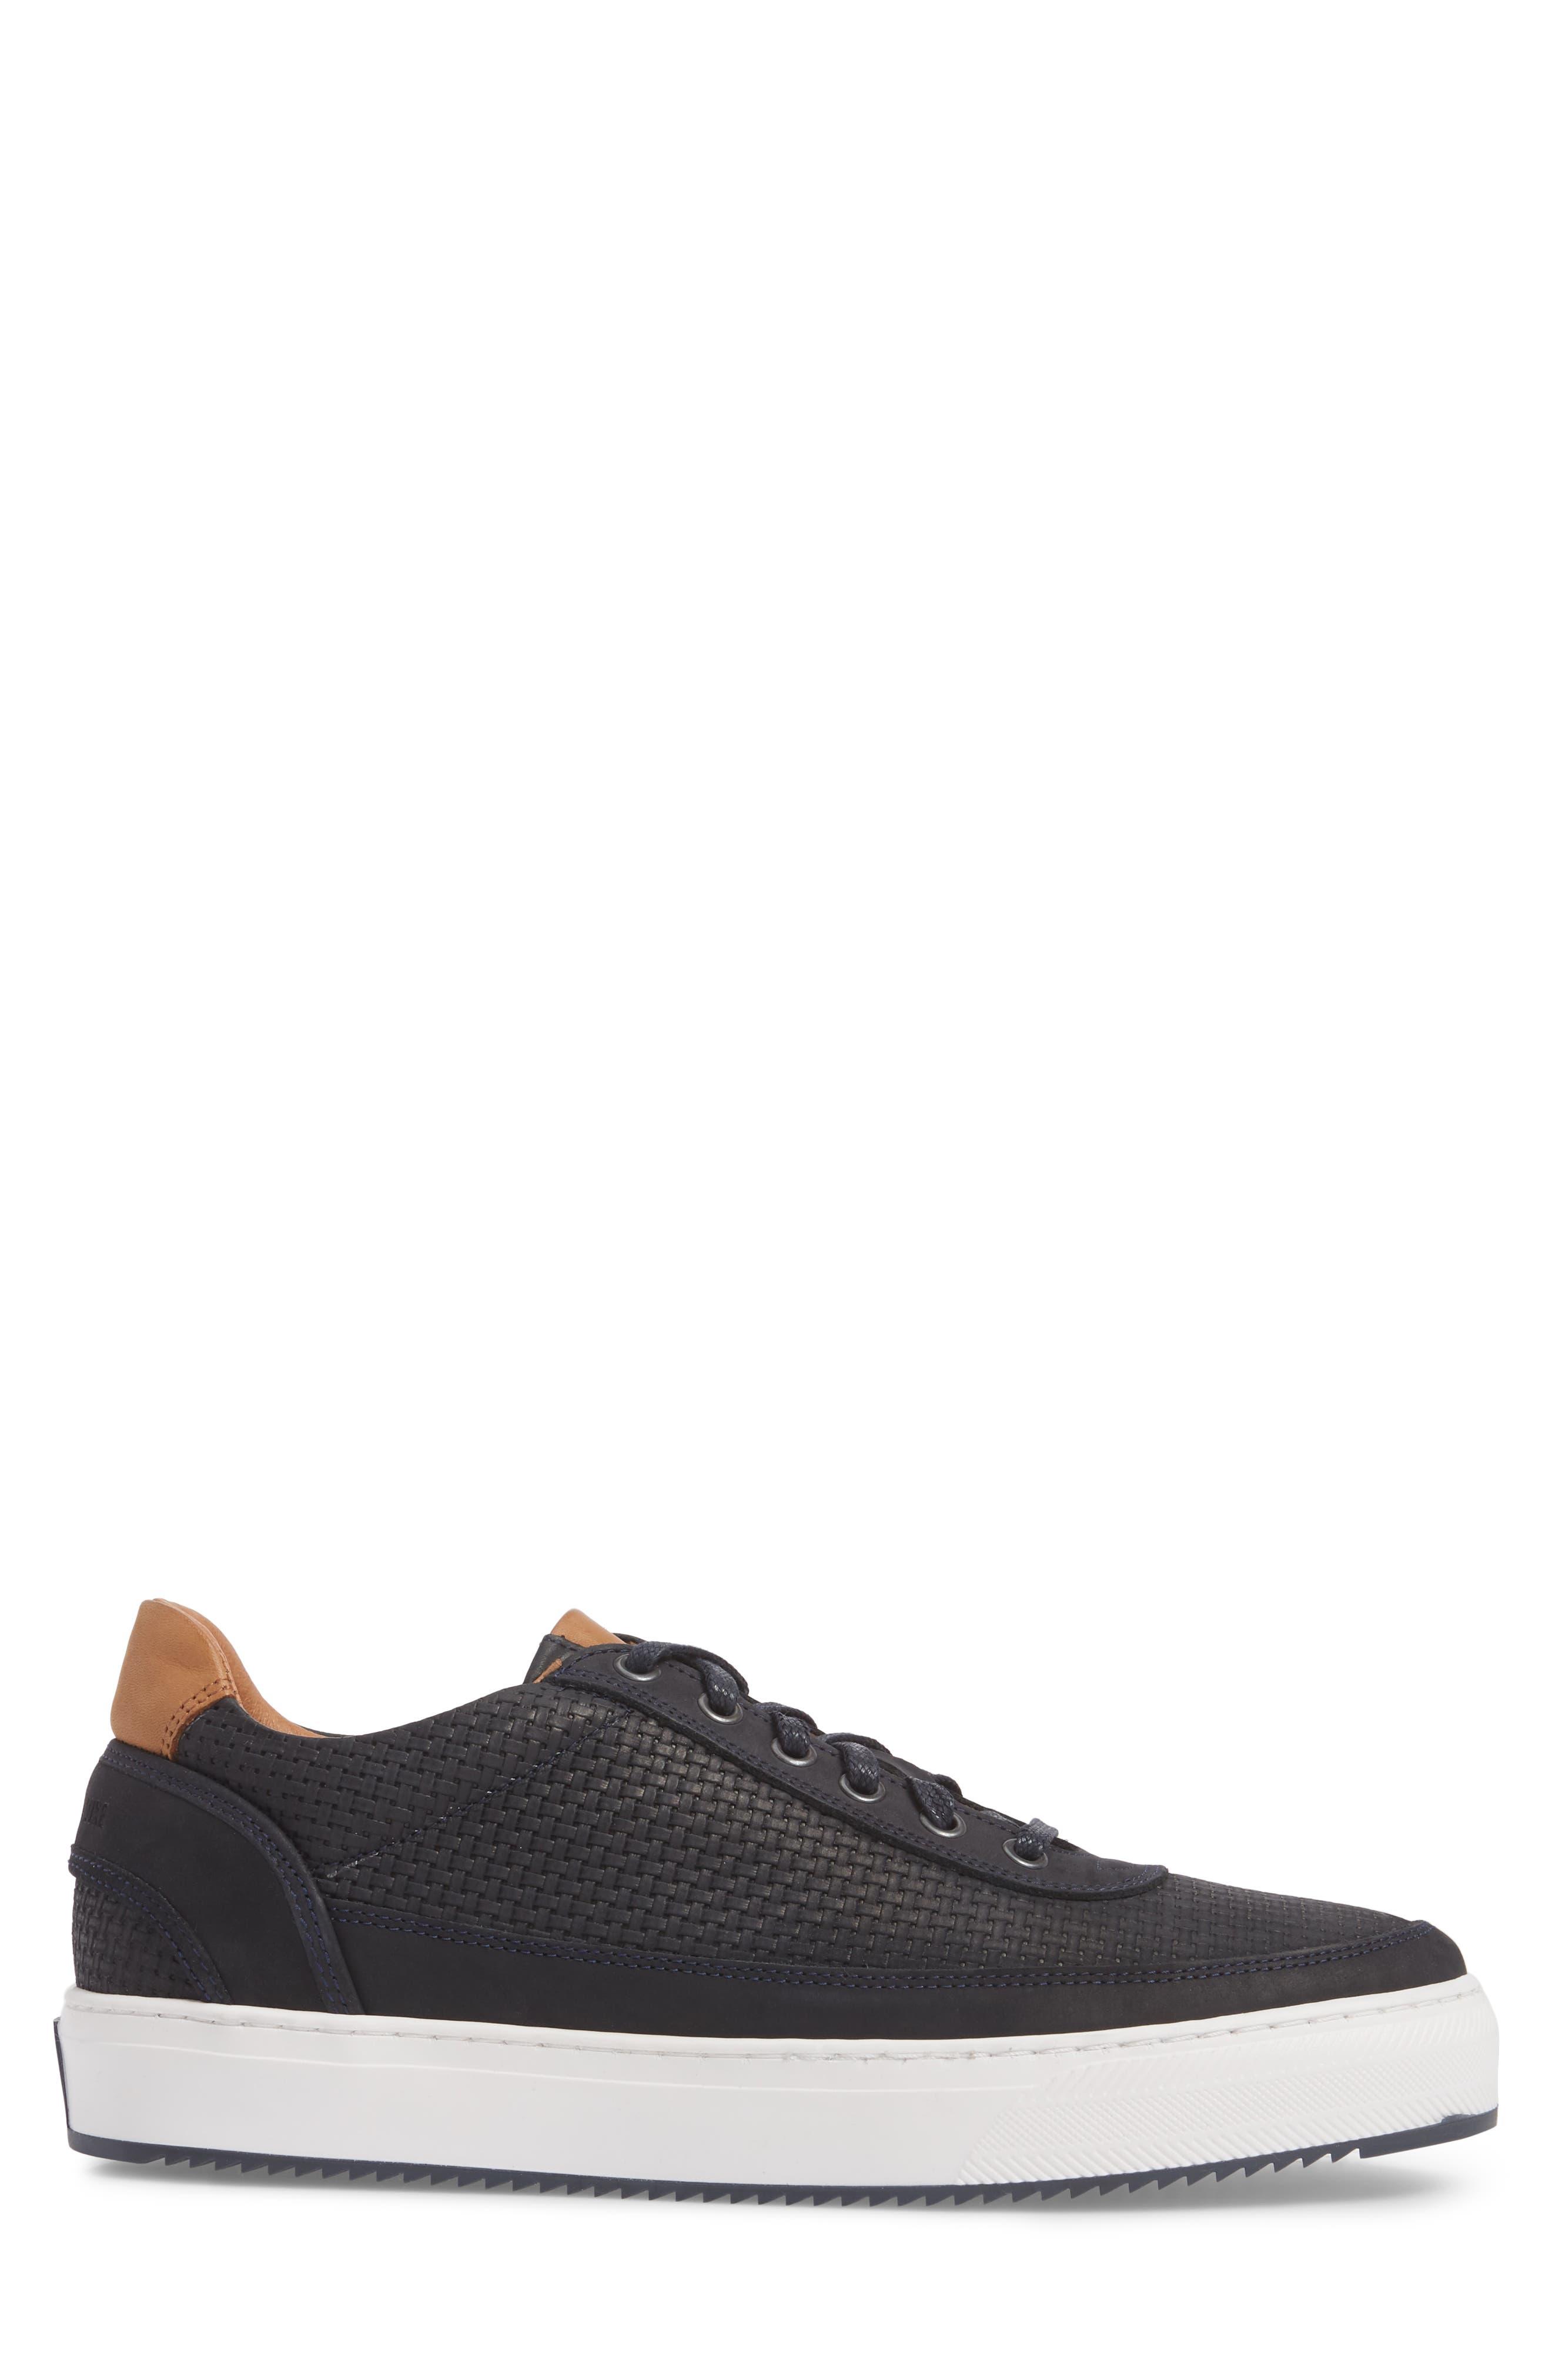 Alternate Image 3  - Cycleur De Luxe Montreal Textured Low Top Sneaker (Men)